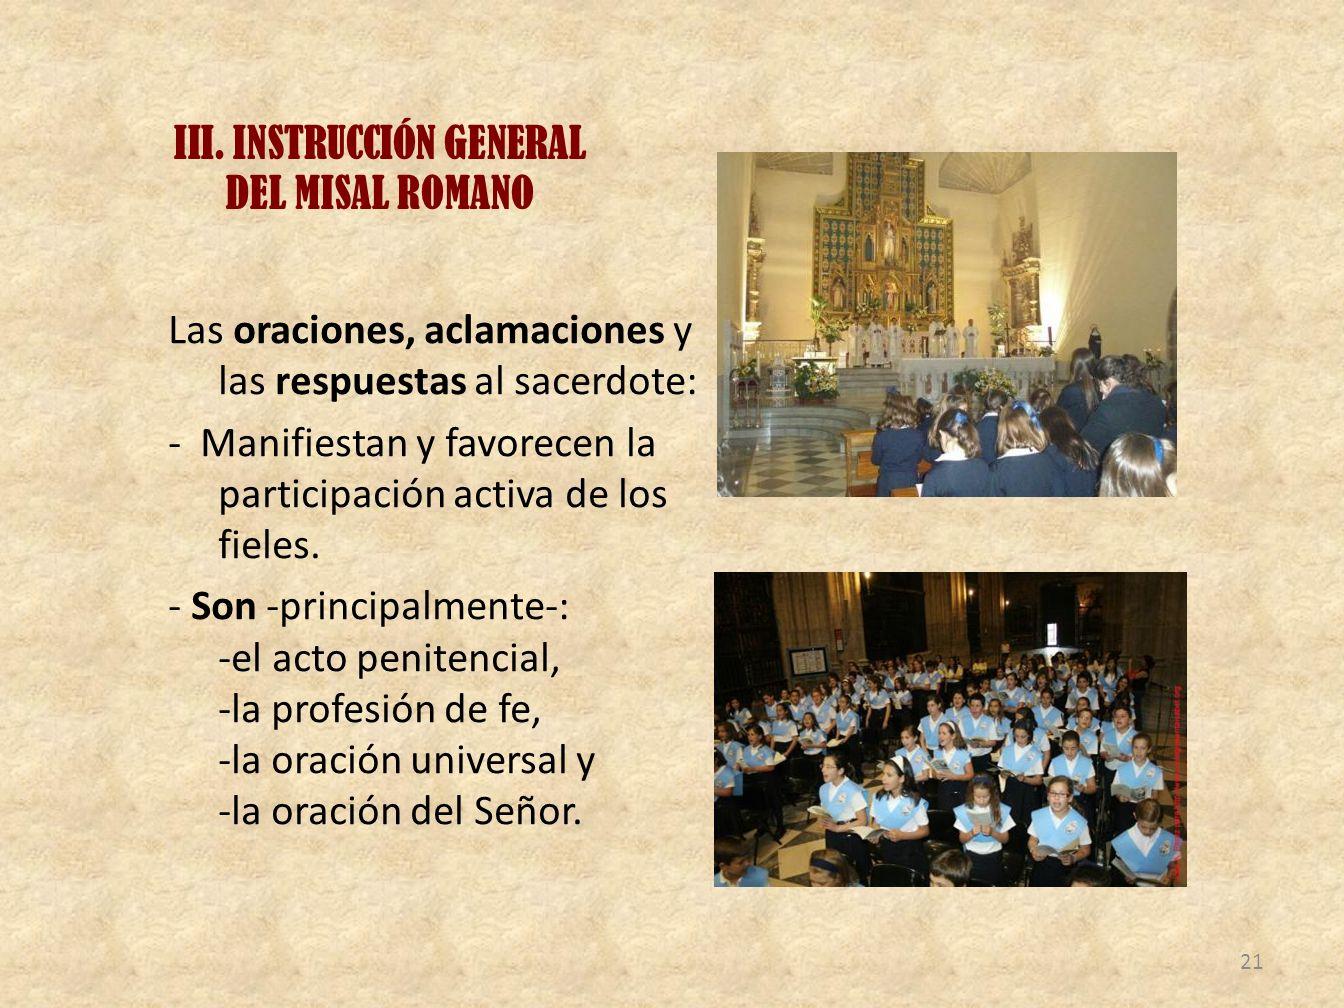 III. INSTRUCCIÓN GENERAL DEL MISAL ROMANO Las oraciones, aclamaciones y las respuestas al sacerdote: - Manifiestan y favorecen la participación activa